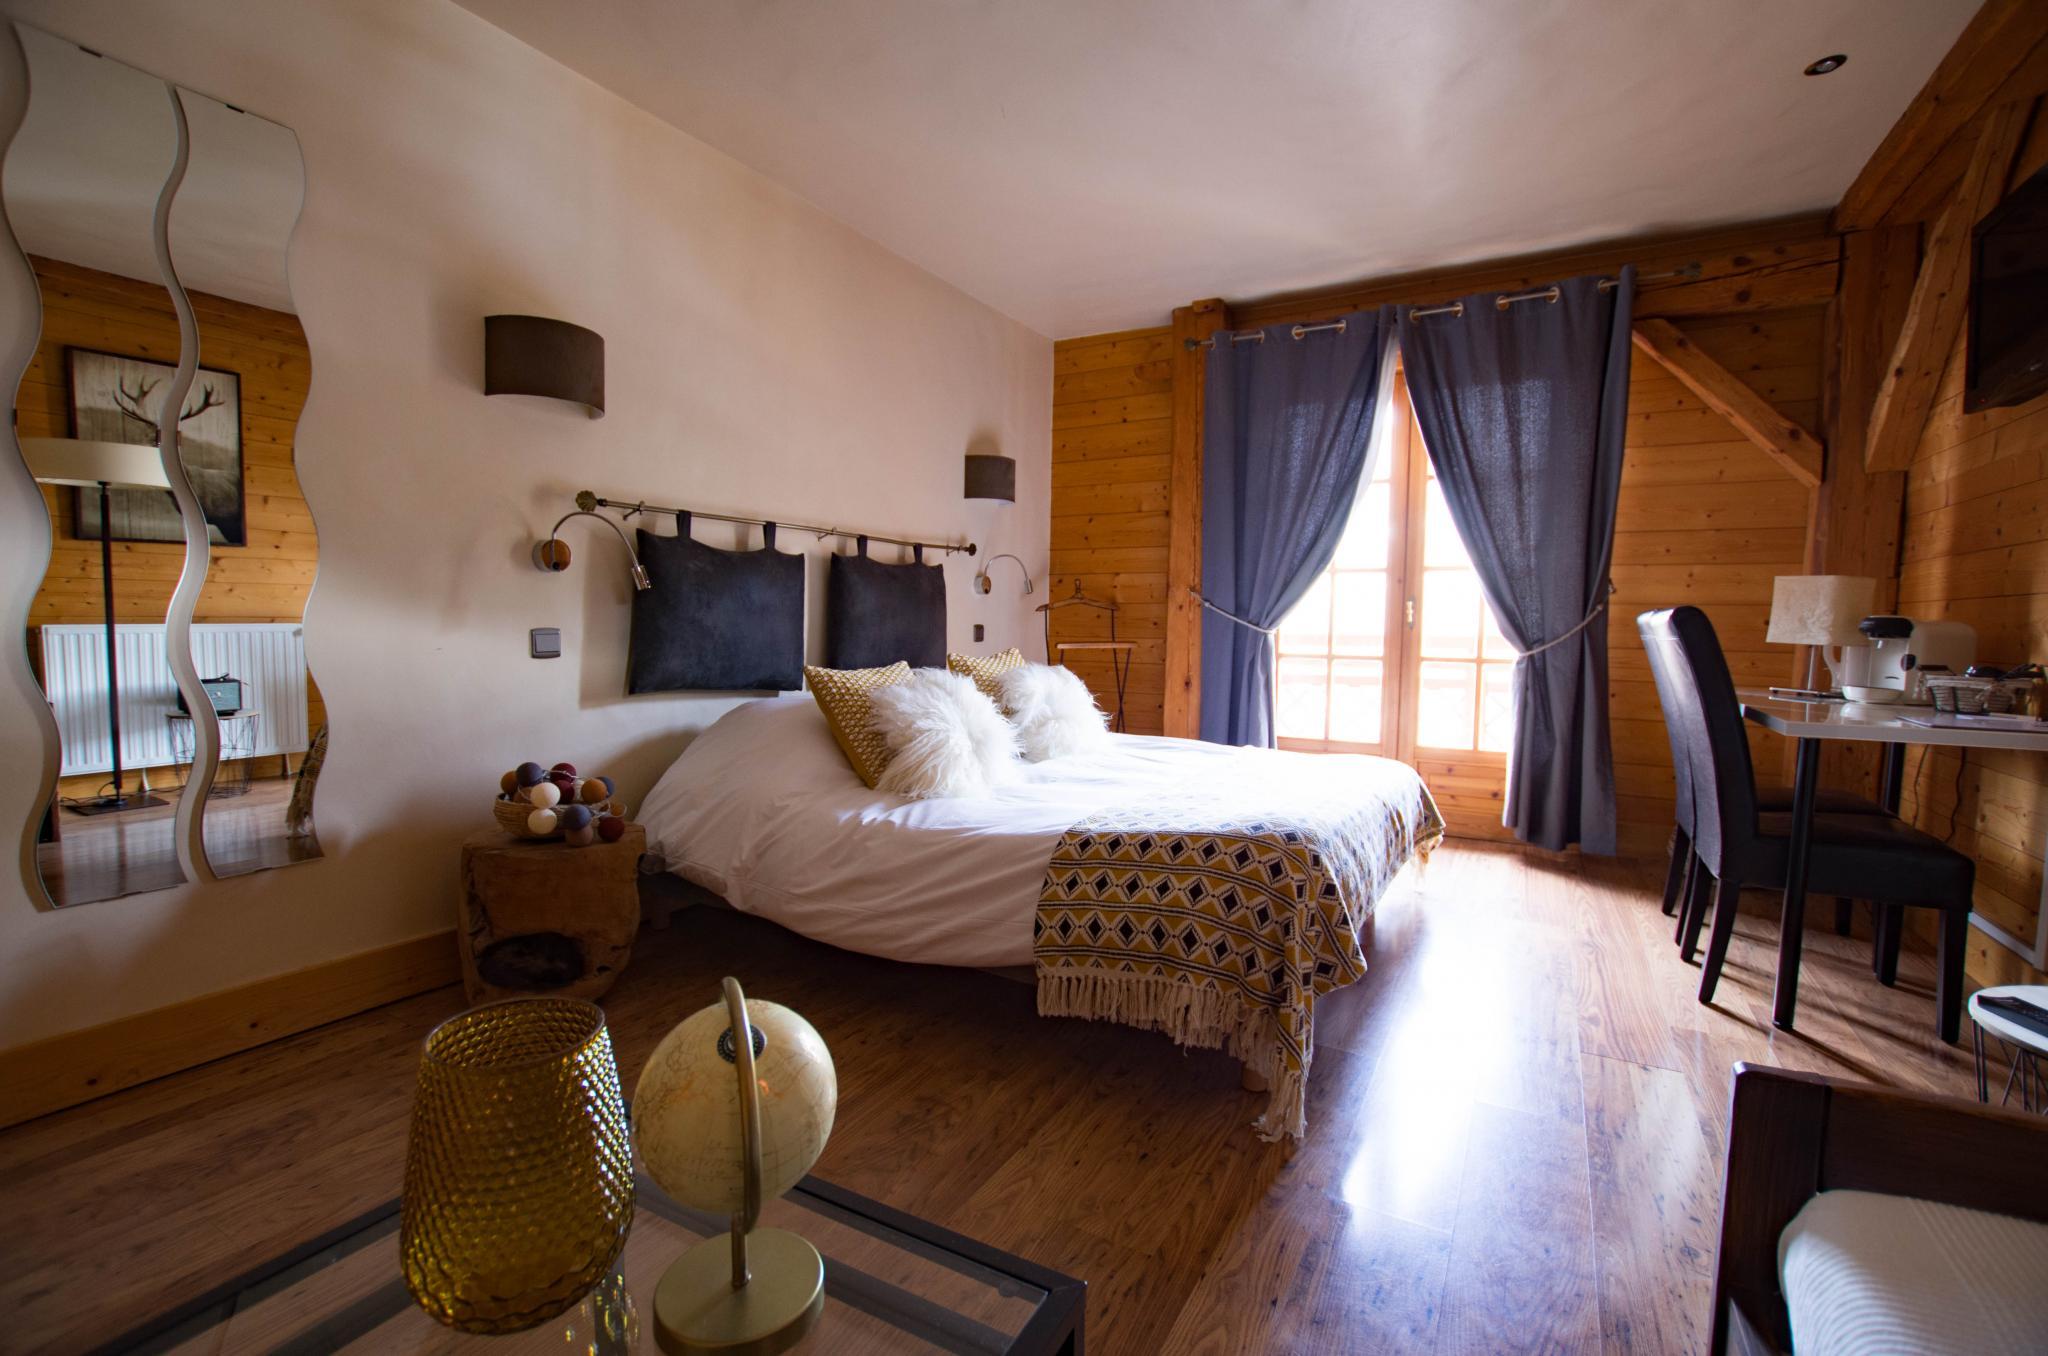 Hotel de Cupelin à Saint-Gervais : grande chambre double